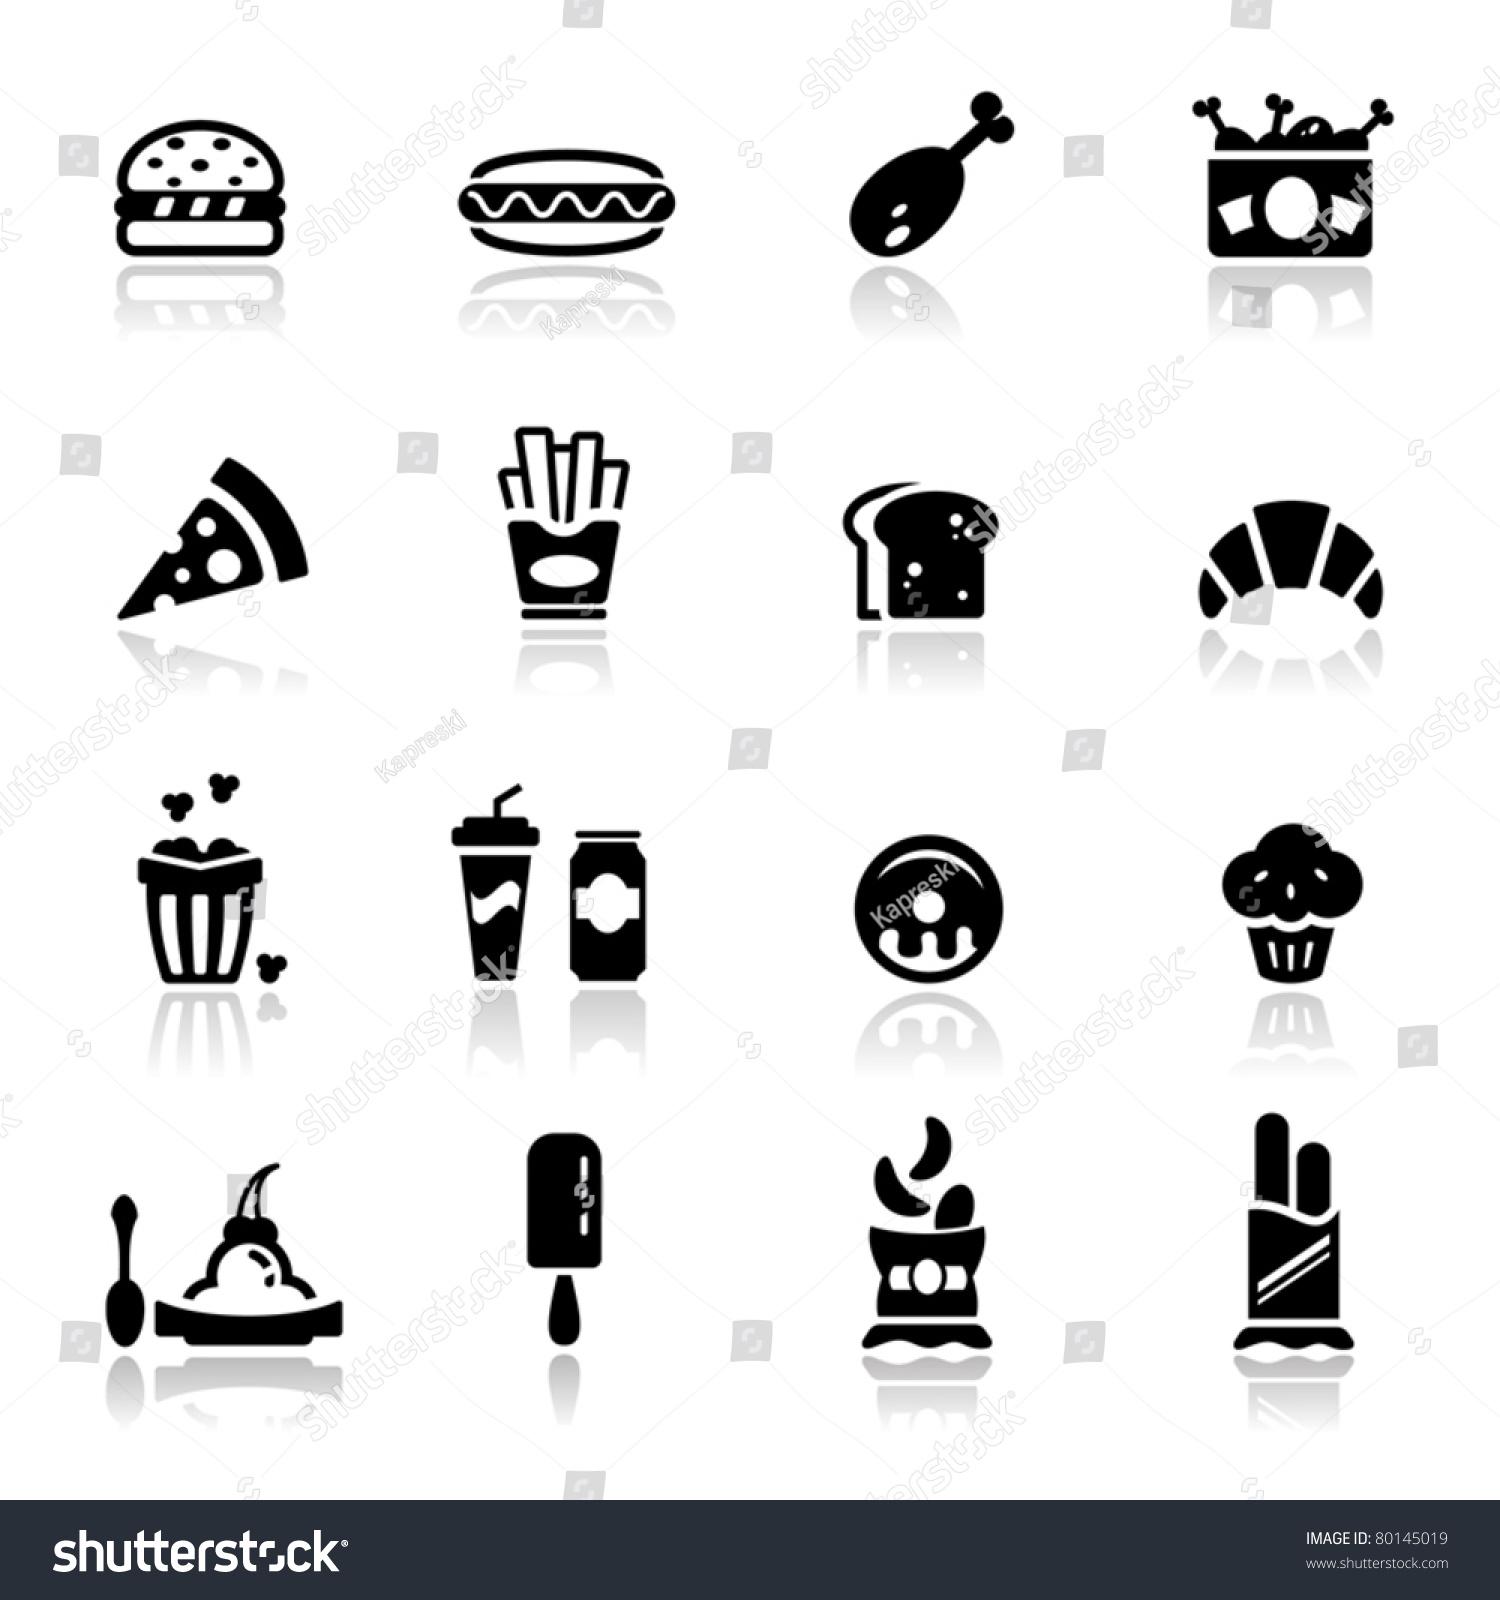 所属分类:       食品及饮料符号/标志 用途:商业用途   格式:矢量图